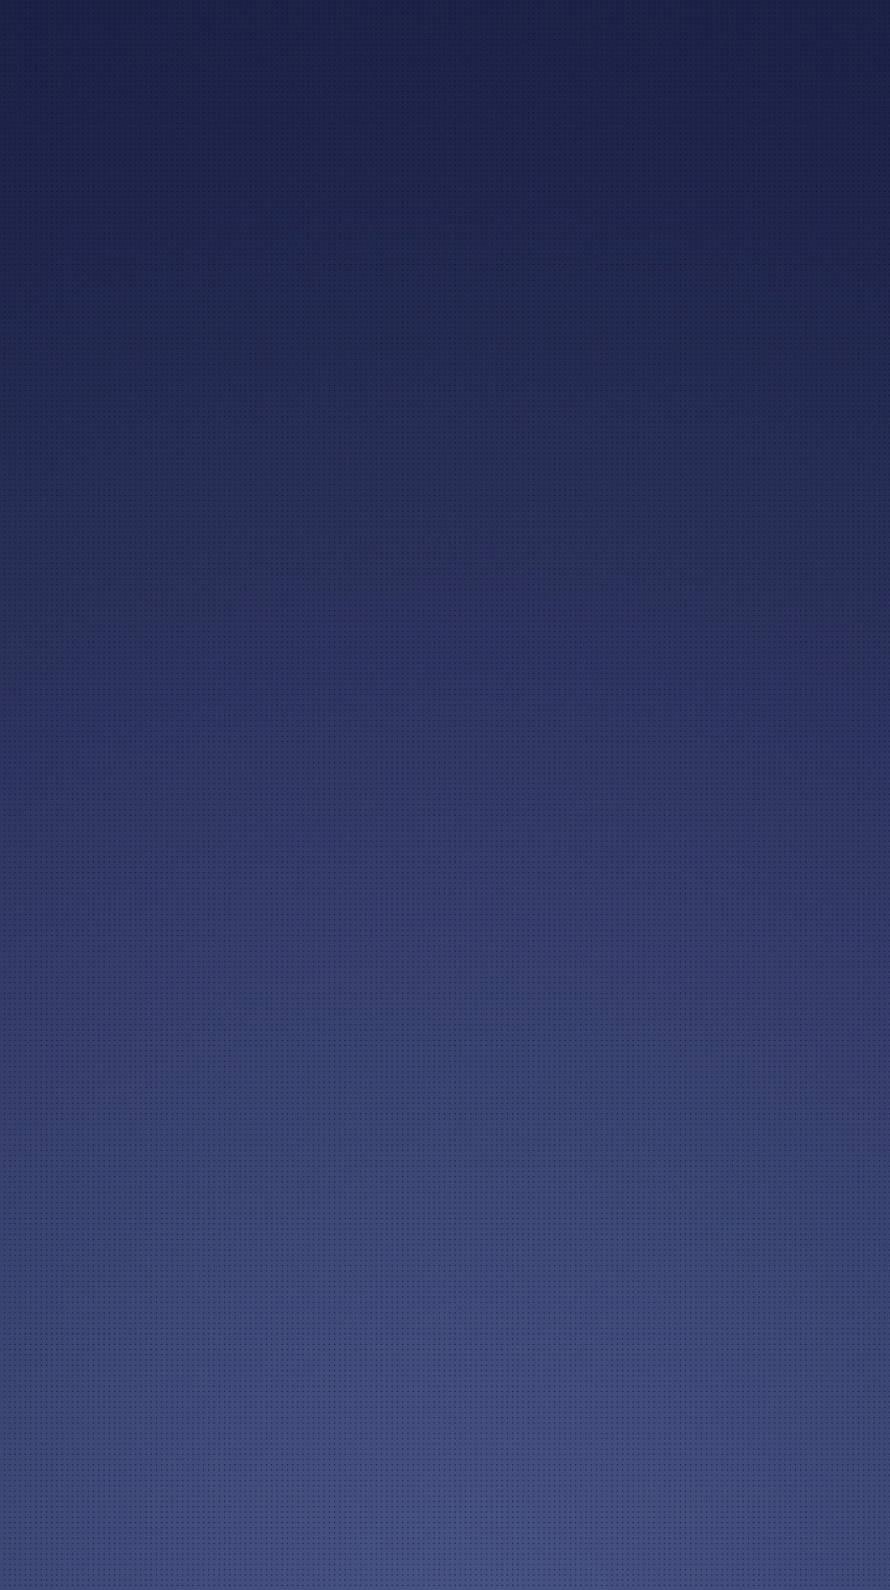 シンプルな紺のグラデーション iPhone6壁紙